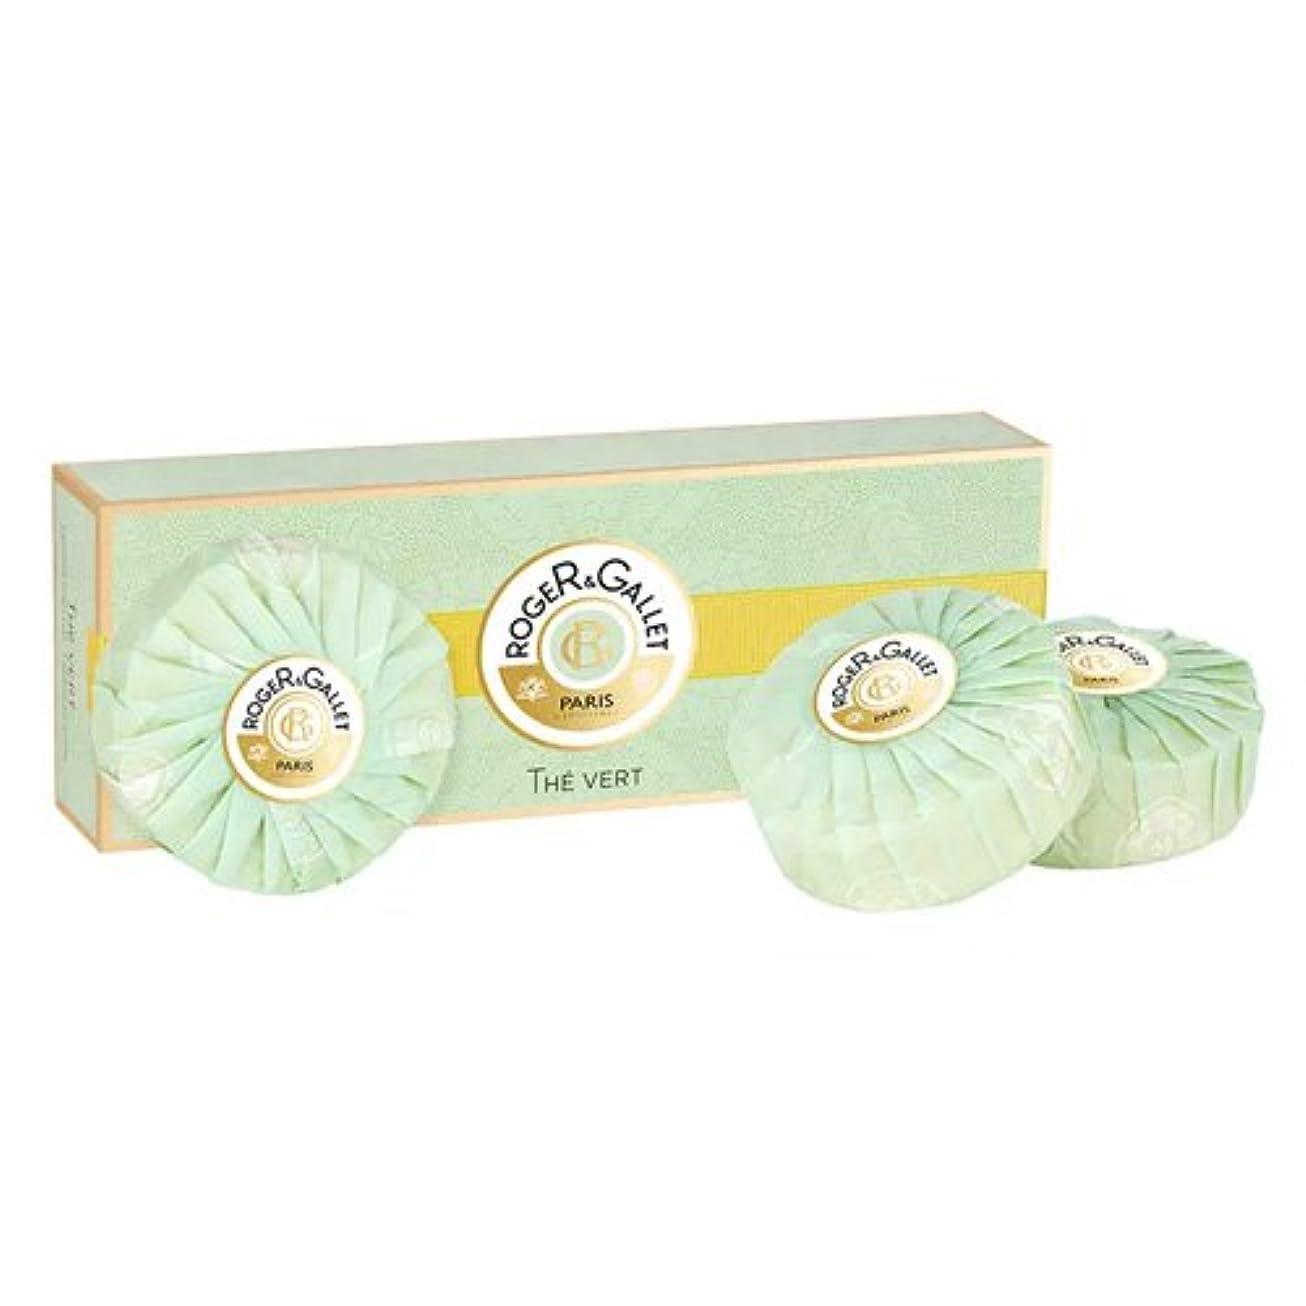 口径ヒステリック賛美歌ロジェガレ グリーンティー (オーデ テ ヴェール) 香水石鹸3個セット ROGER&GALLET EAU DE THE VERT (GREEN TEA) SOAP [並行輸入品]